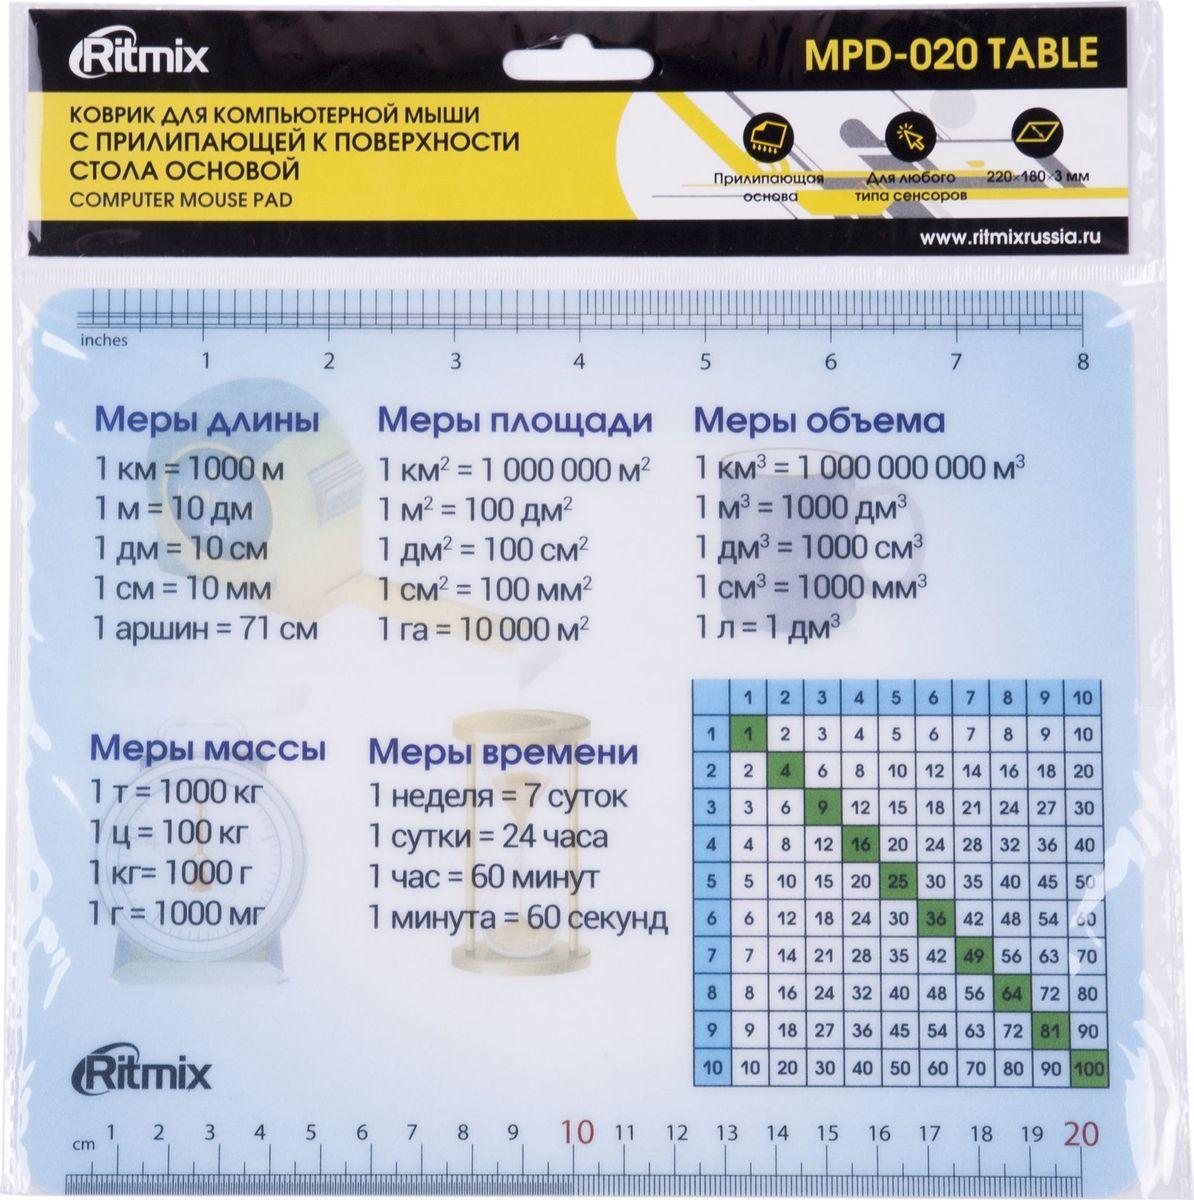 Коврик для мыши Ritmix MPD-020 Table коврик для мыши ritmix mpd 020 action